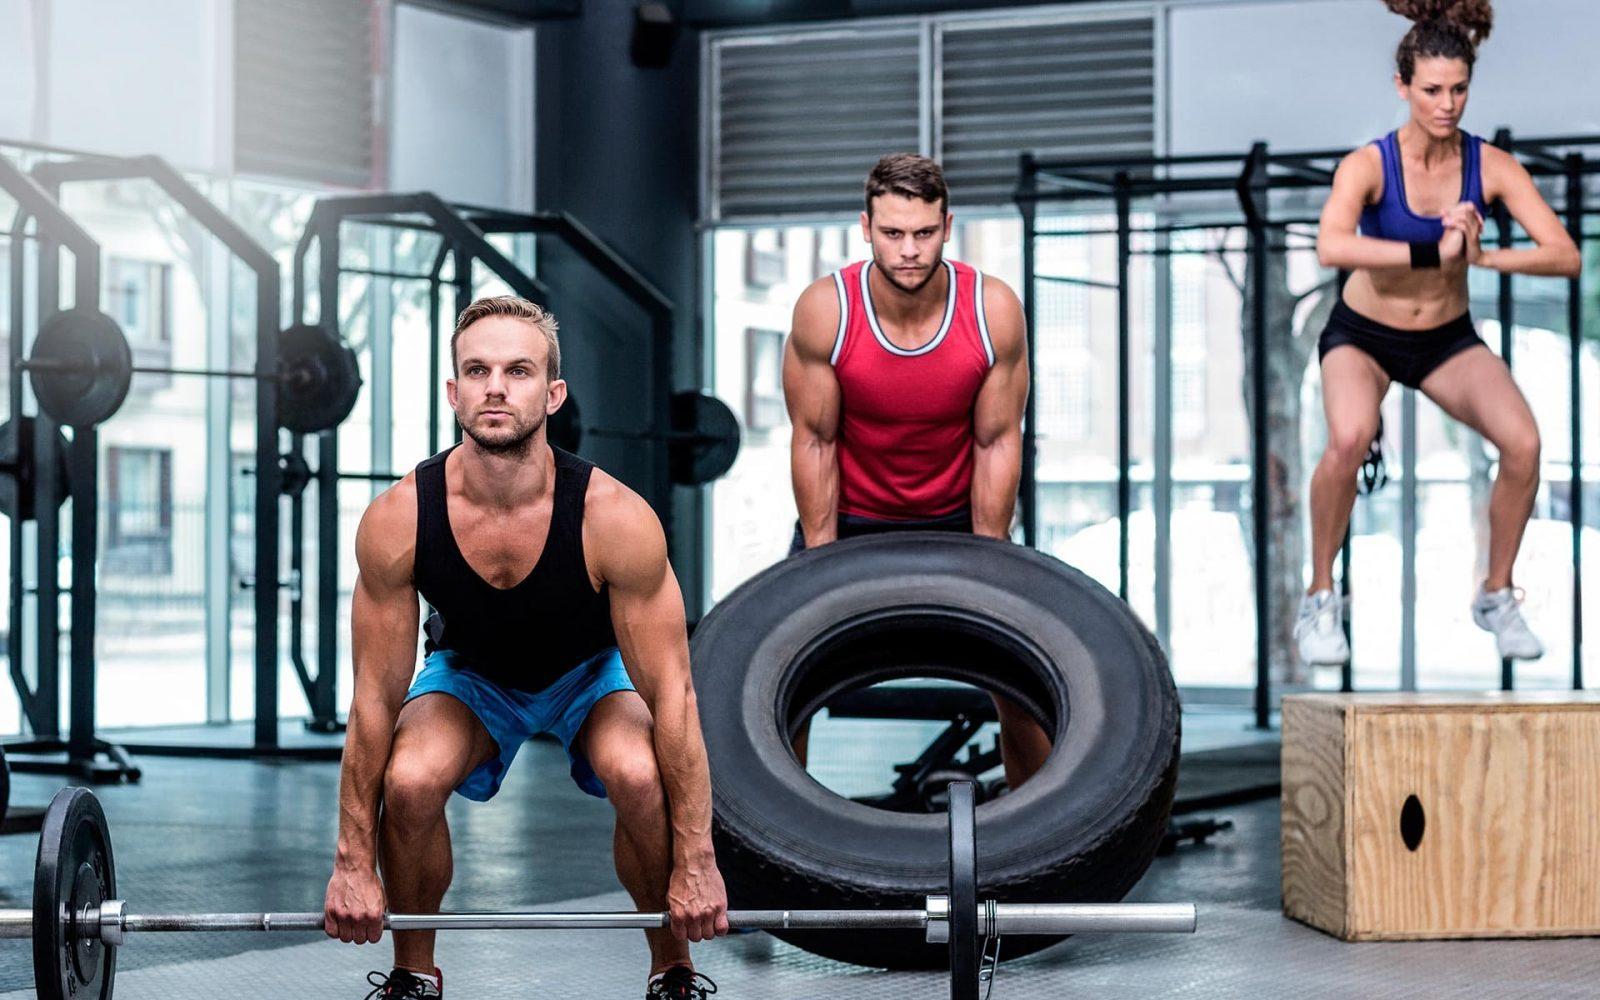 Упражнения силовой выносливости: становая тяга, подъем резинового колеса, прыжки на возвышенность